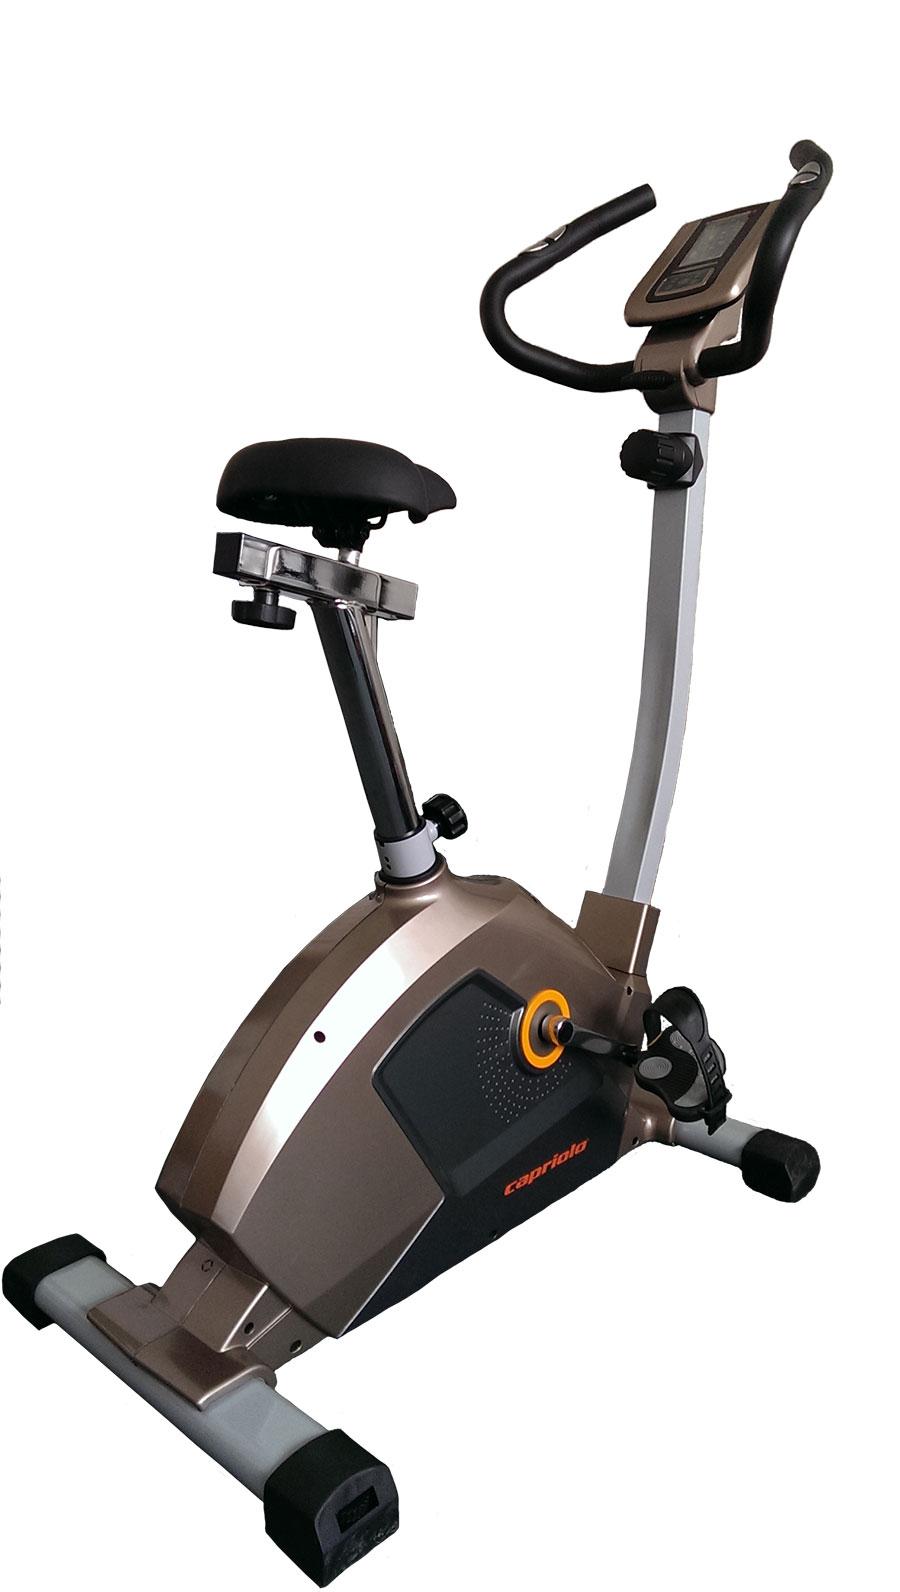 Capriolo sobni bicikl 291005